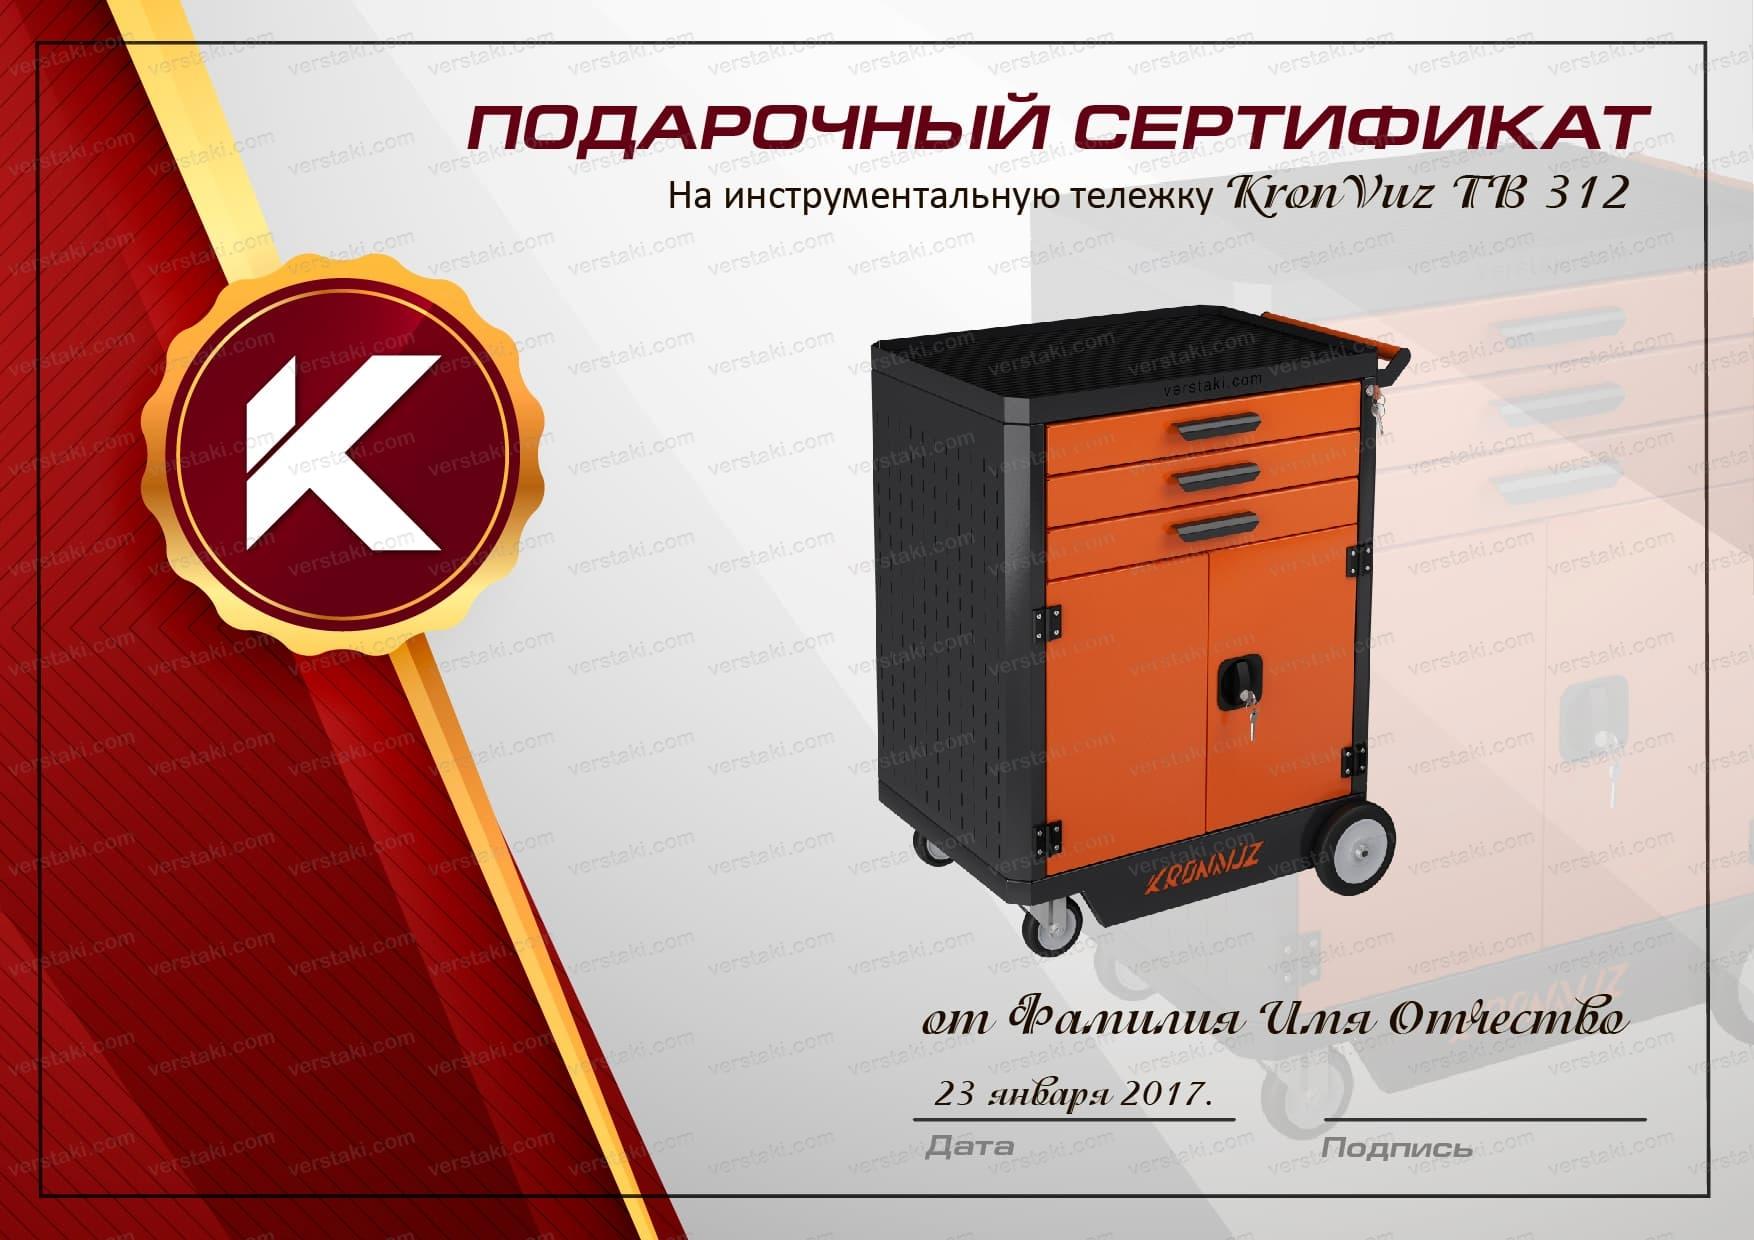 Подарочный сертификат на инструментальную тележку KronVuz TB 312